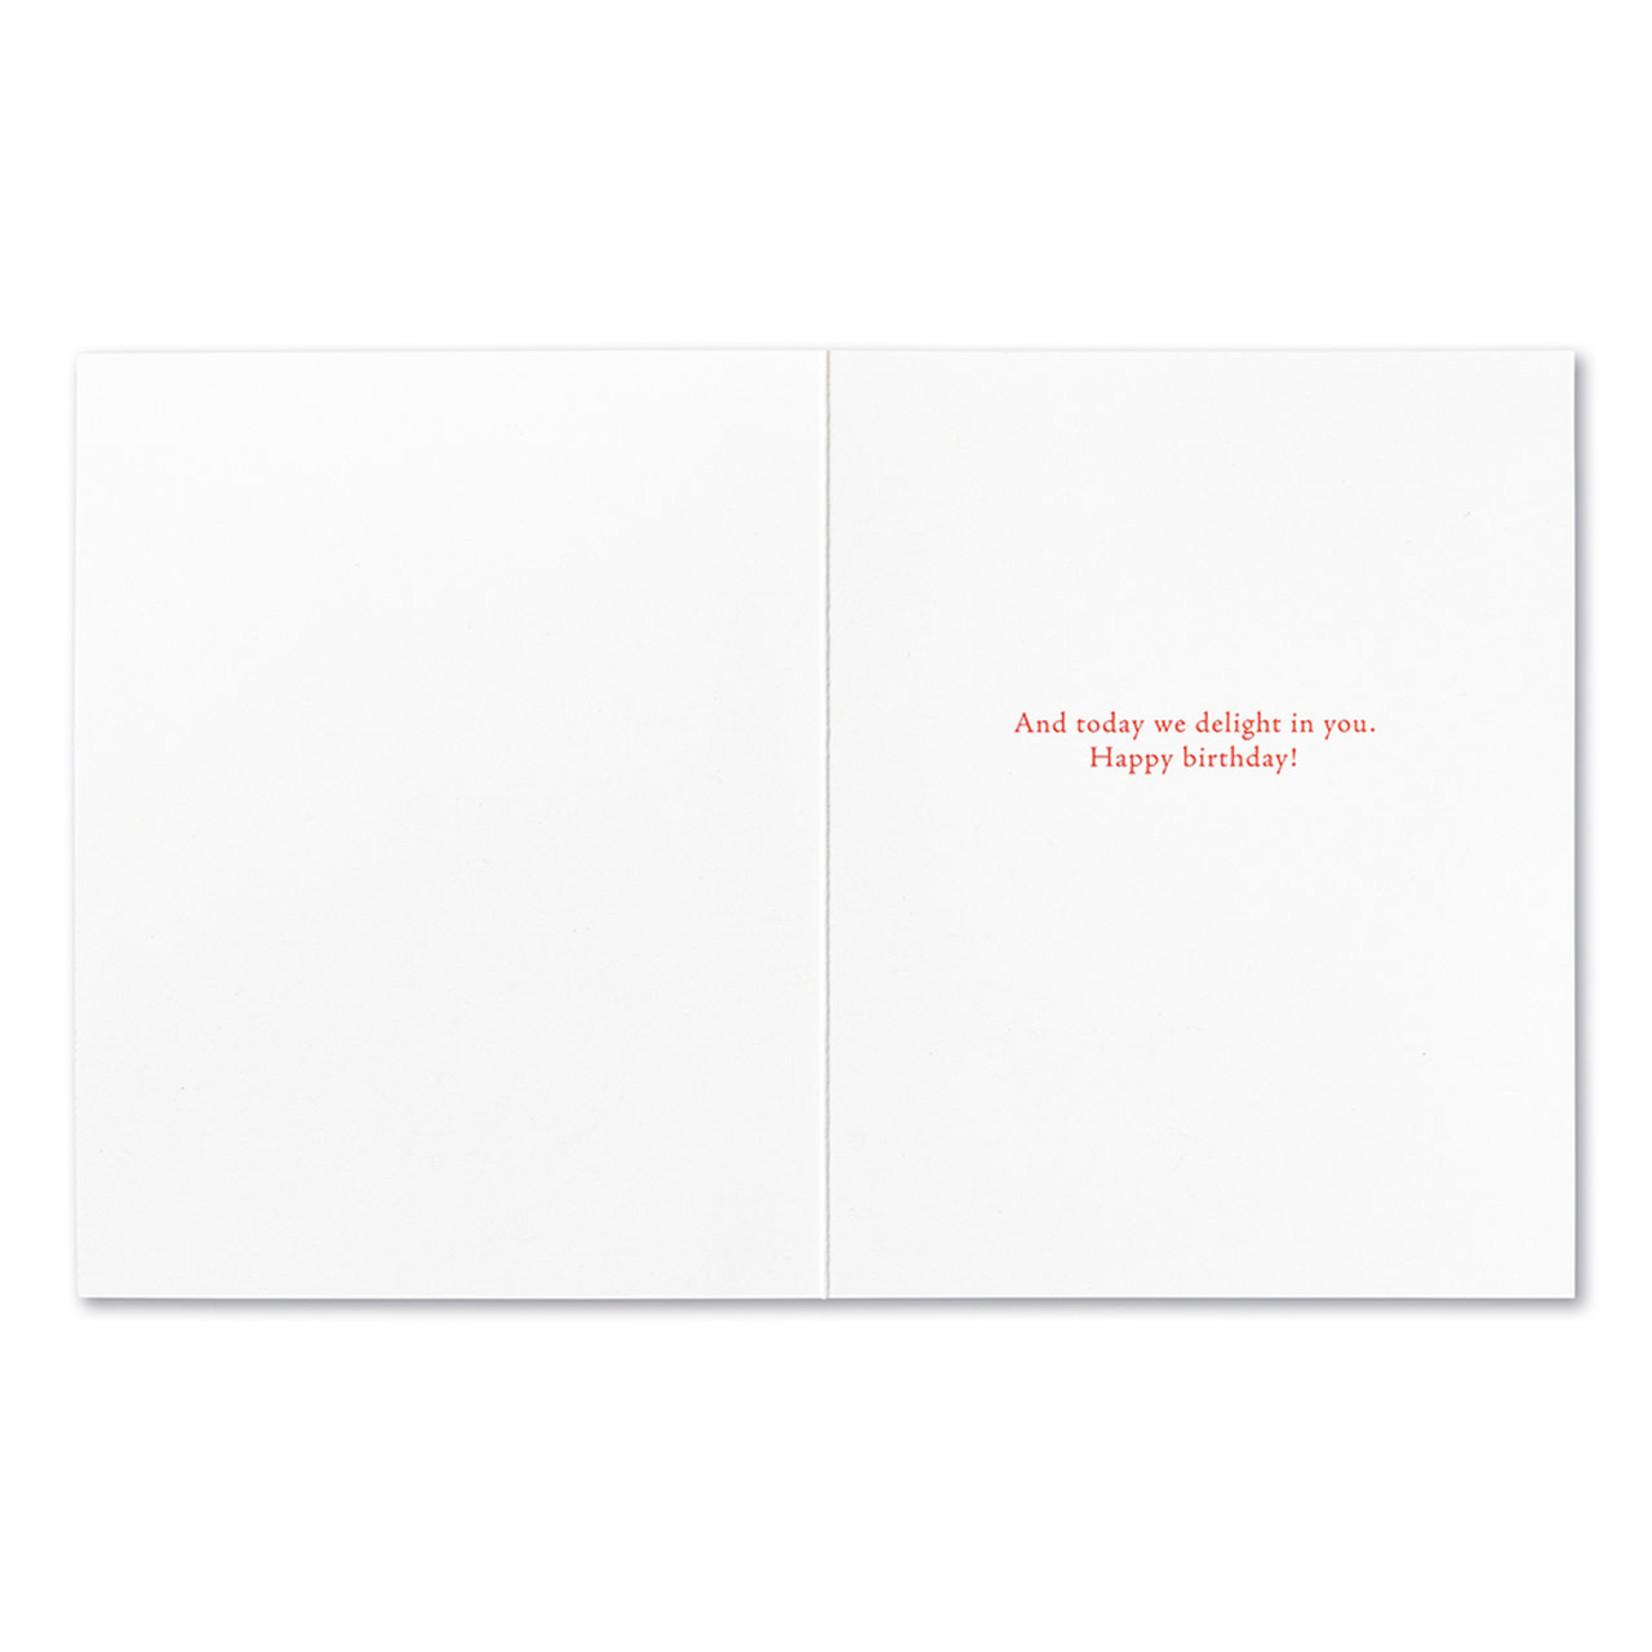 JOY DELIGHTS IN JOY CARD